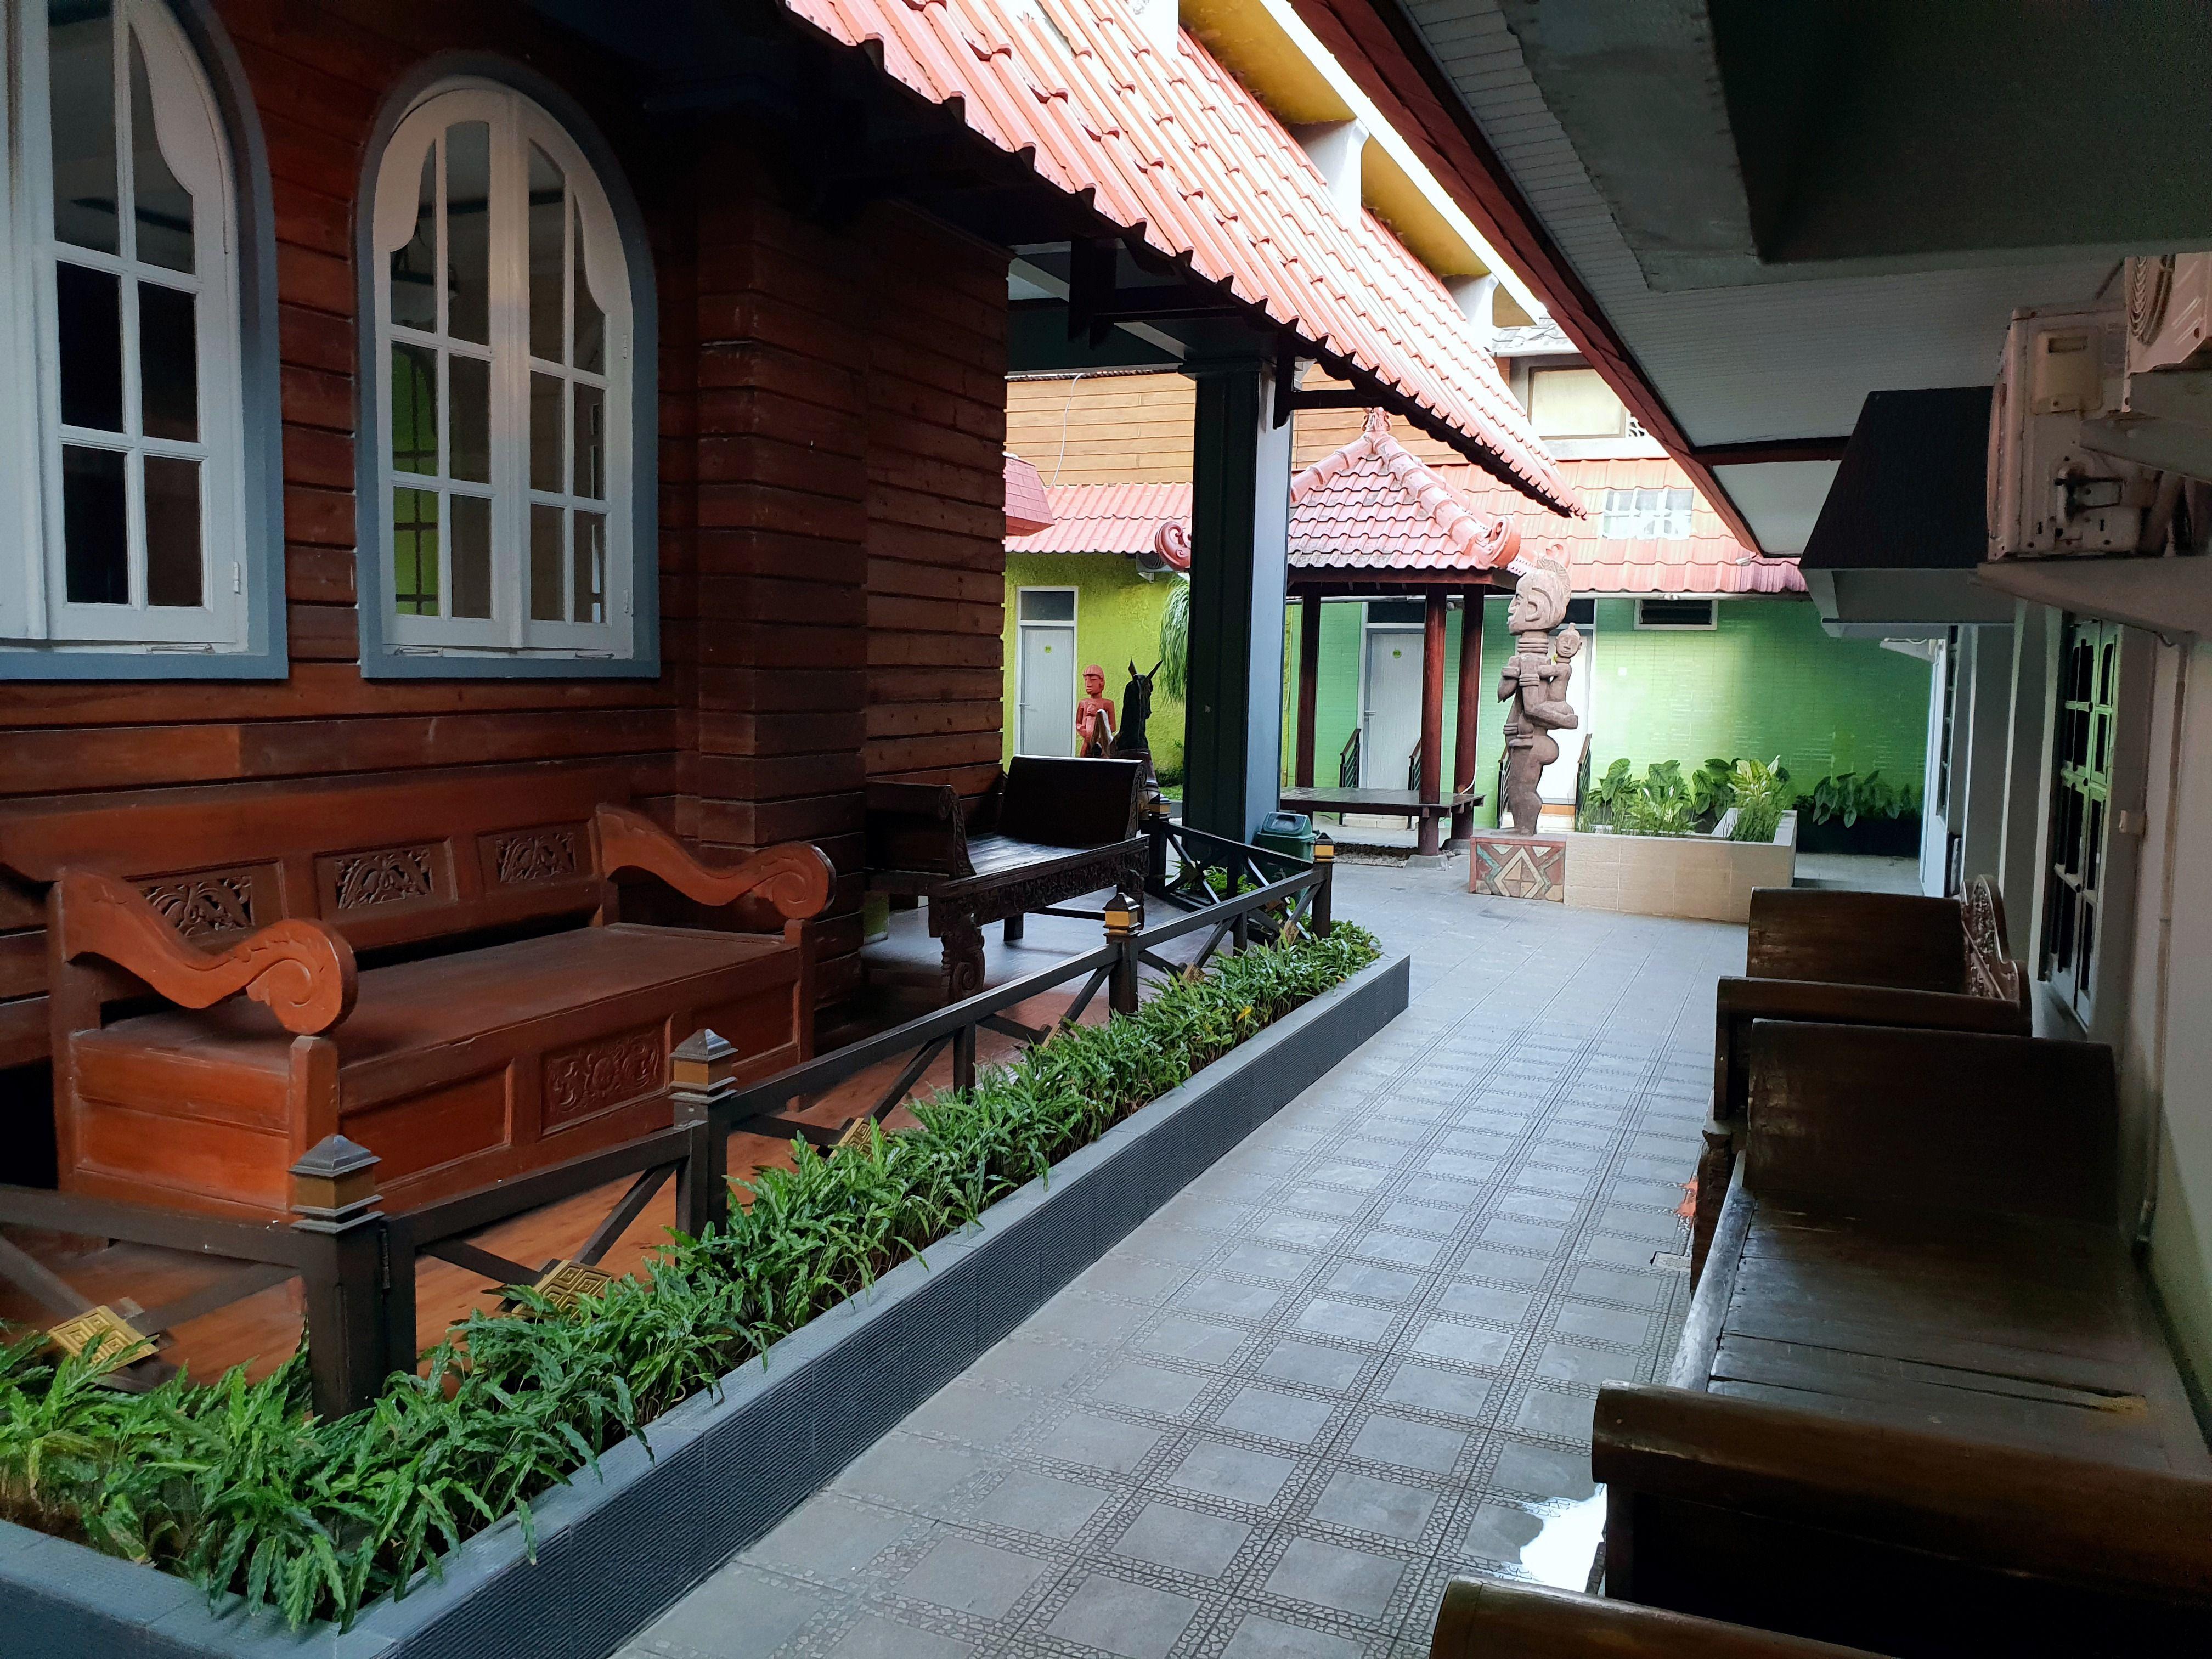 Airlangga Hotel, Yogyakarta